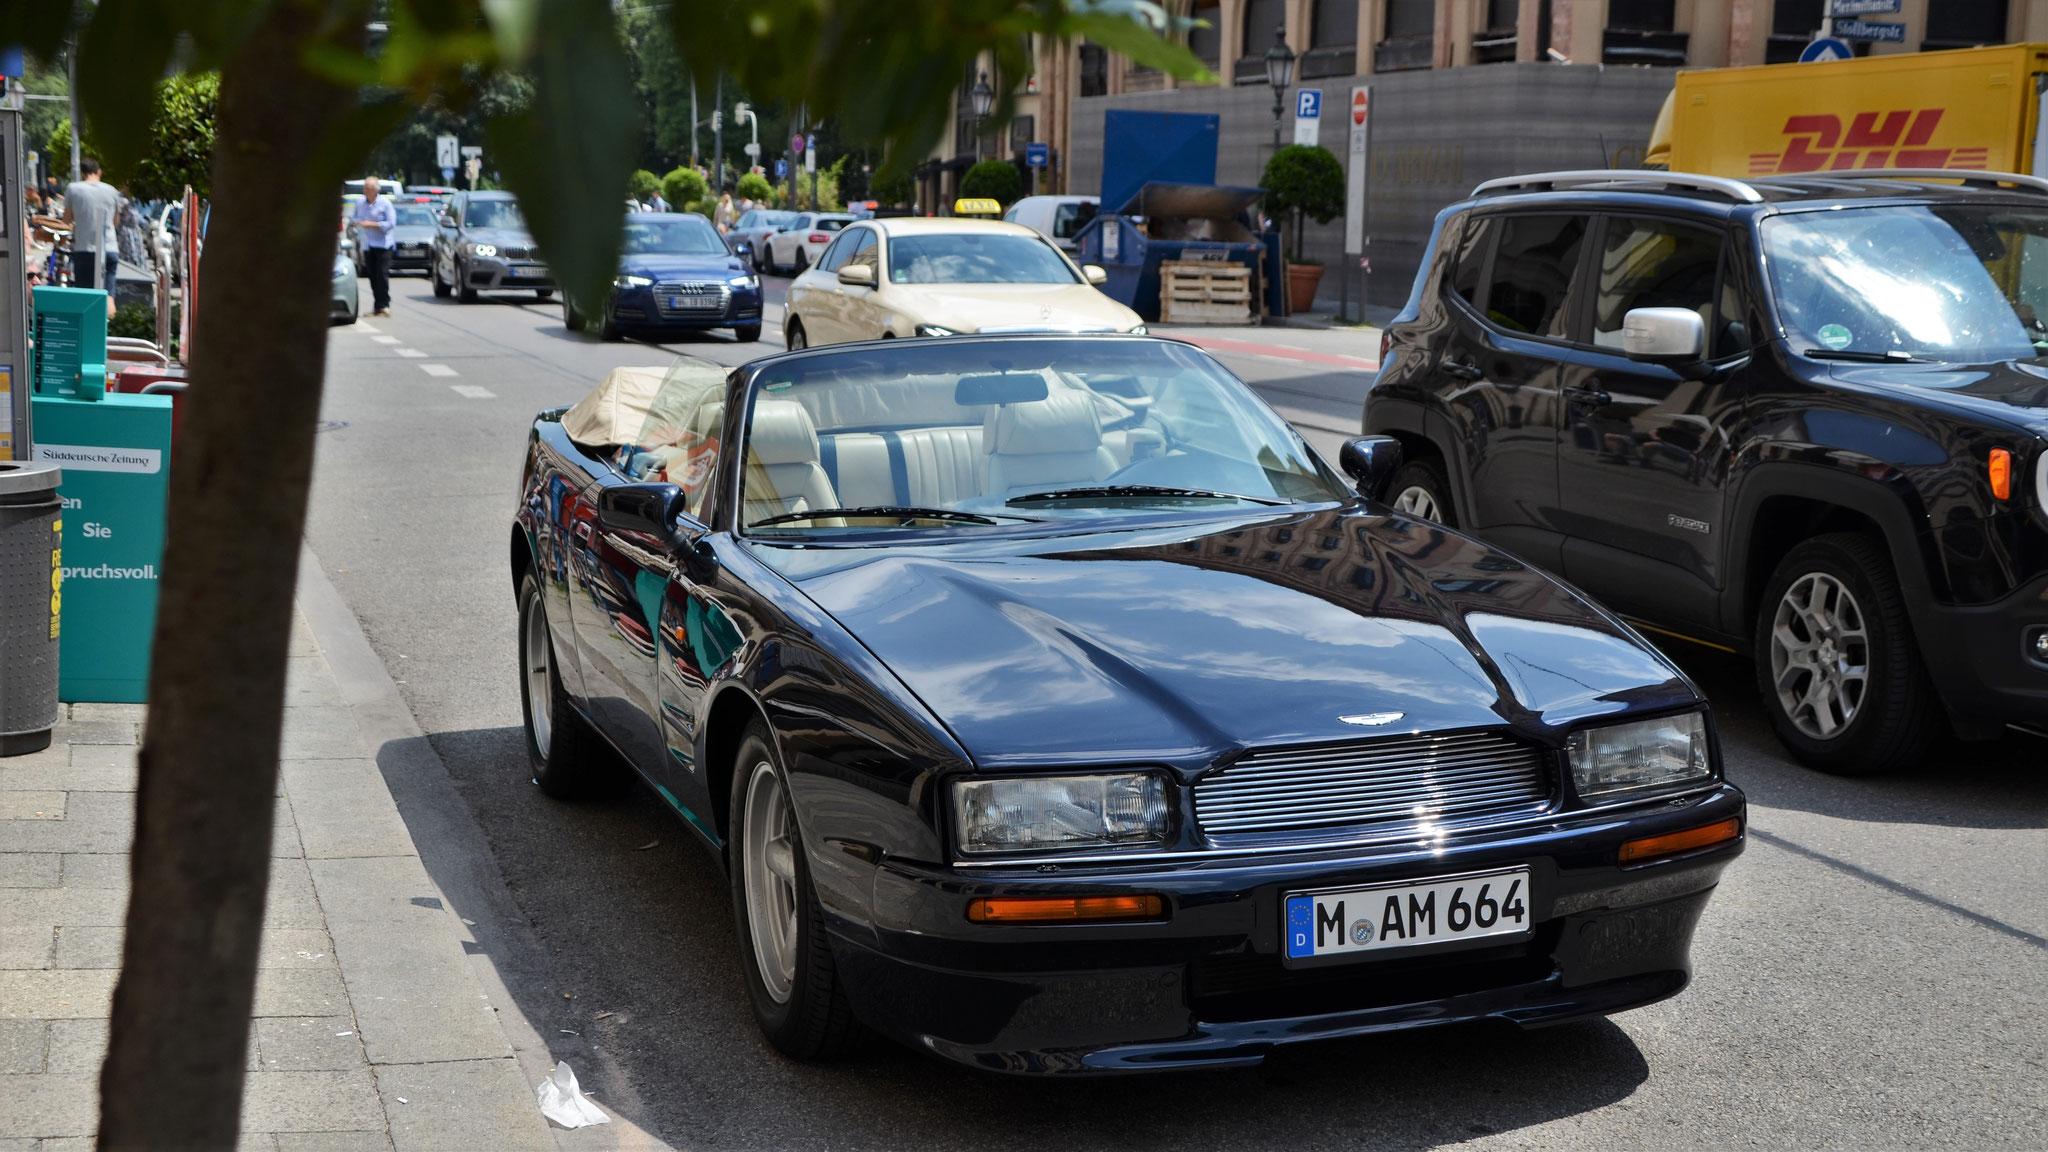 Aston Martin V8 Volante 1996 - M-AM-664